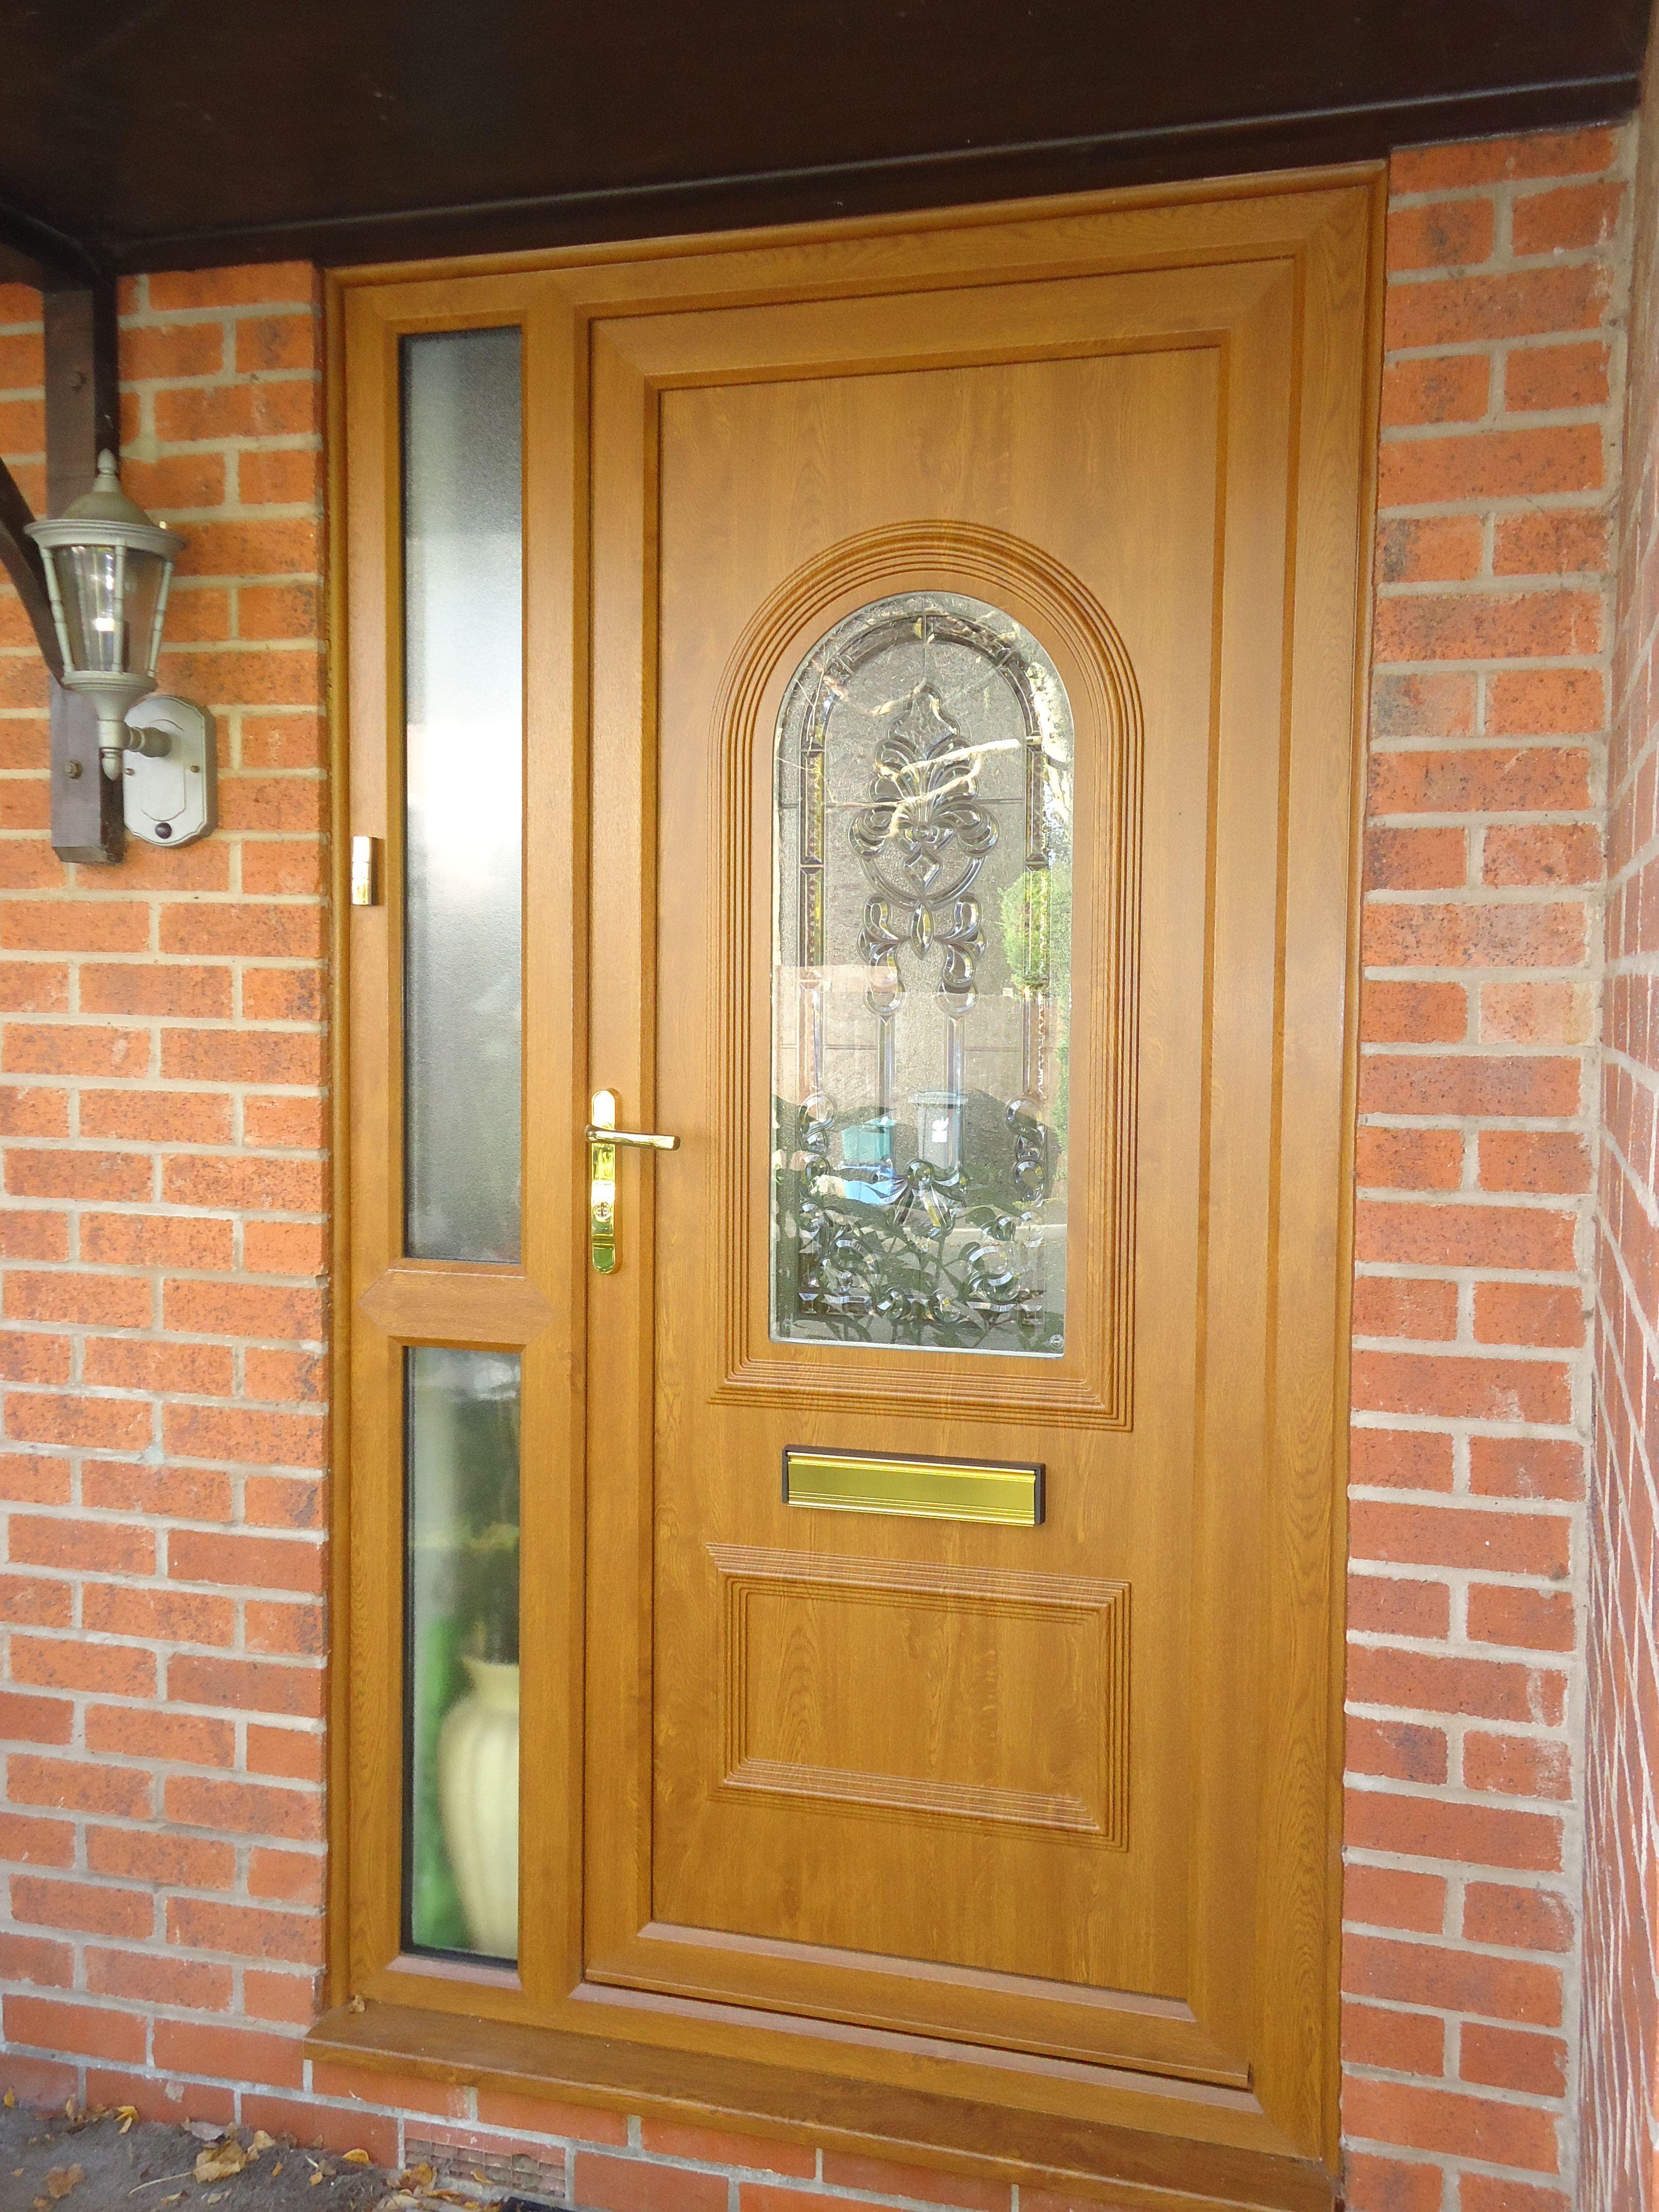 Composite door \u0026 Side screen in Golden Oak installed by COVE Windows! #newport # & Composite door \u0026 Side screen in Golden Oak installed by COVE Windows ...